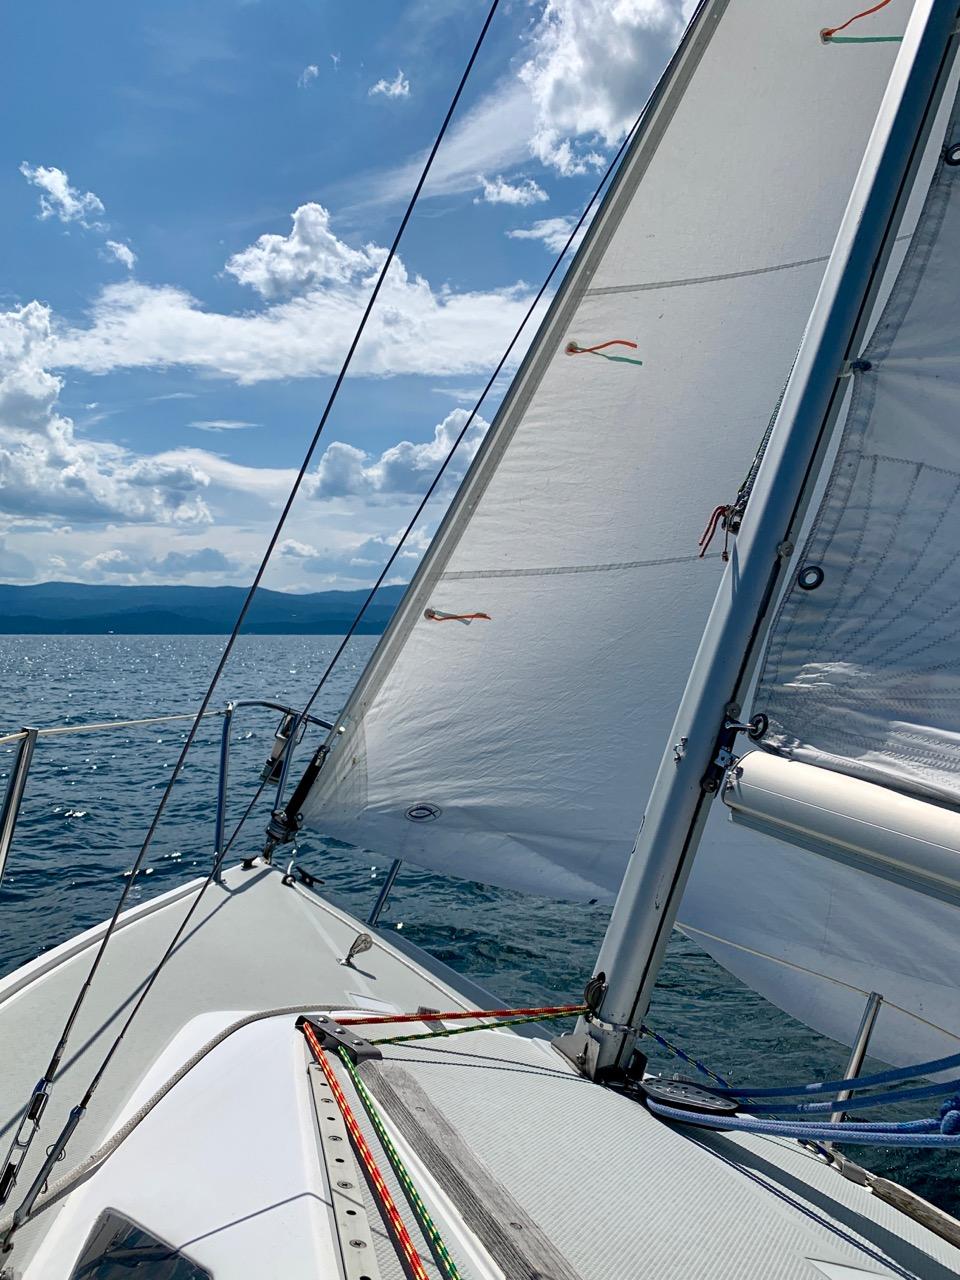 sailing 7 - 1